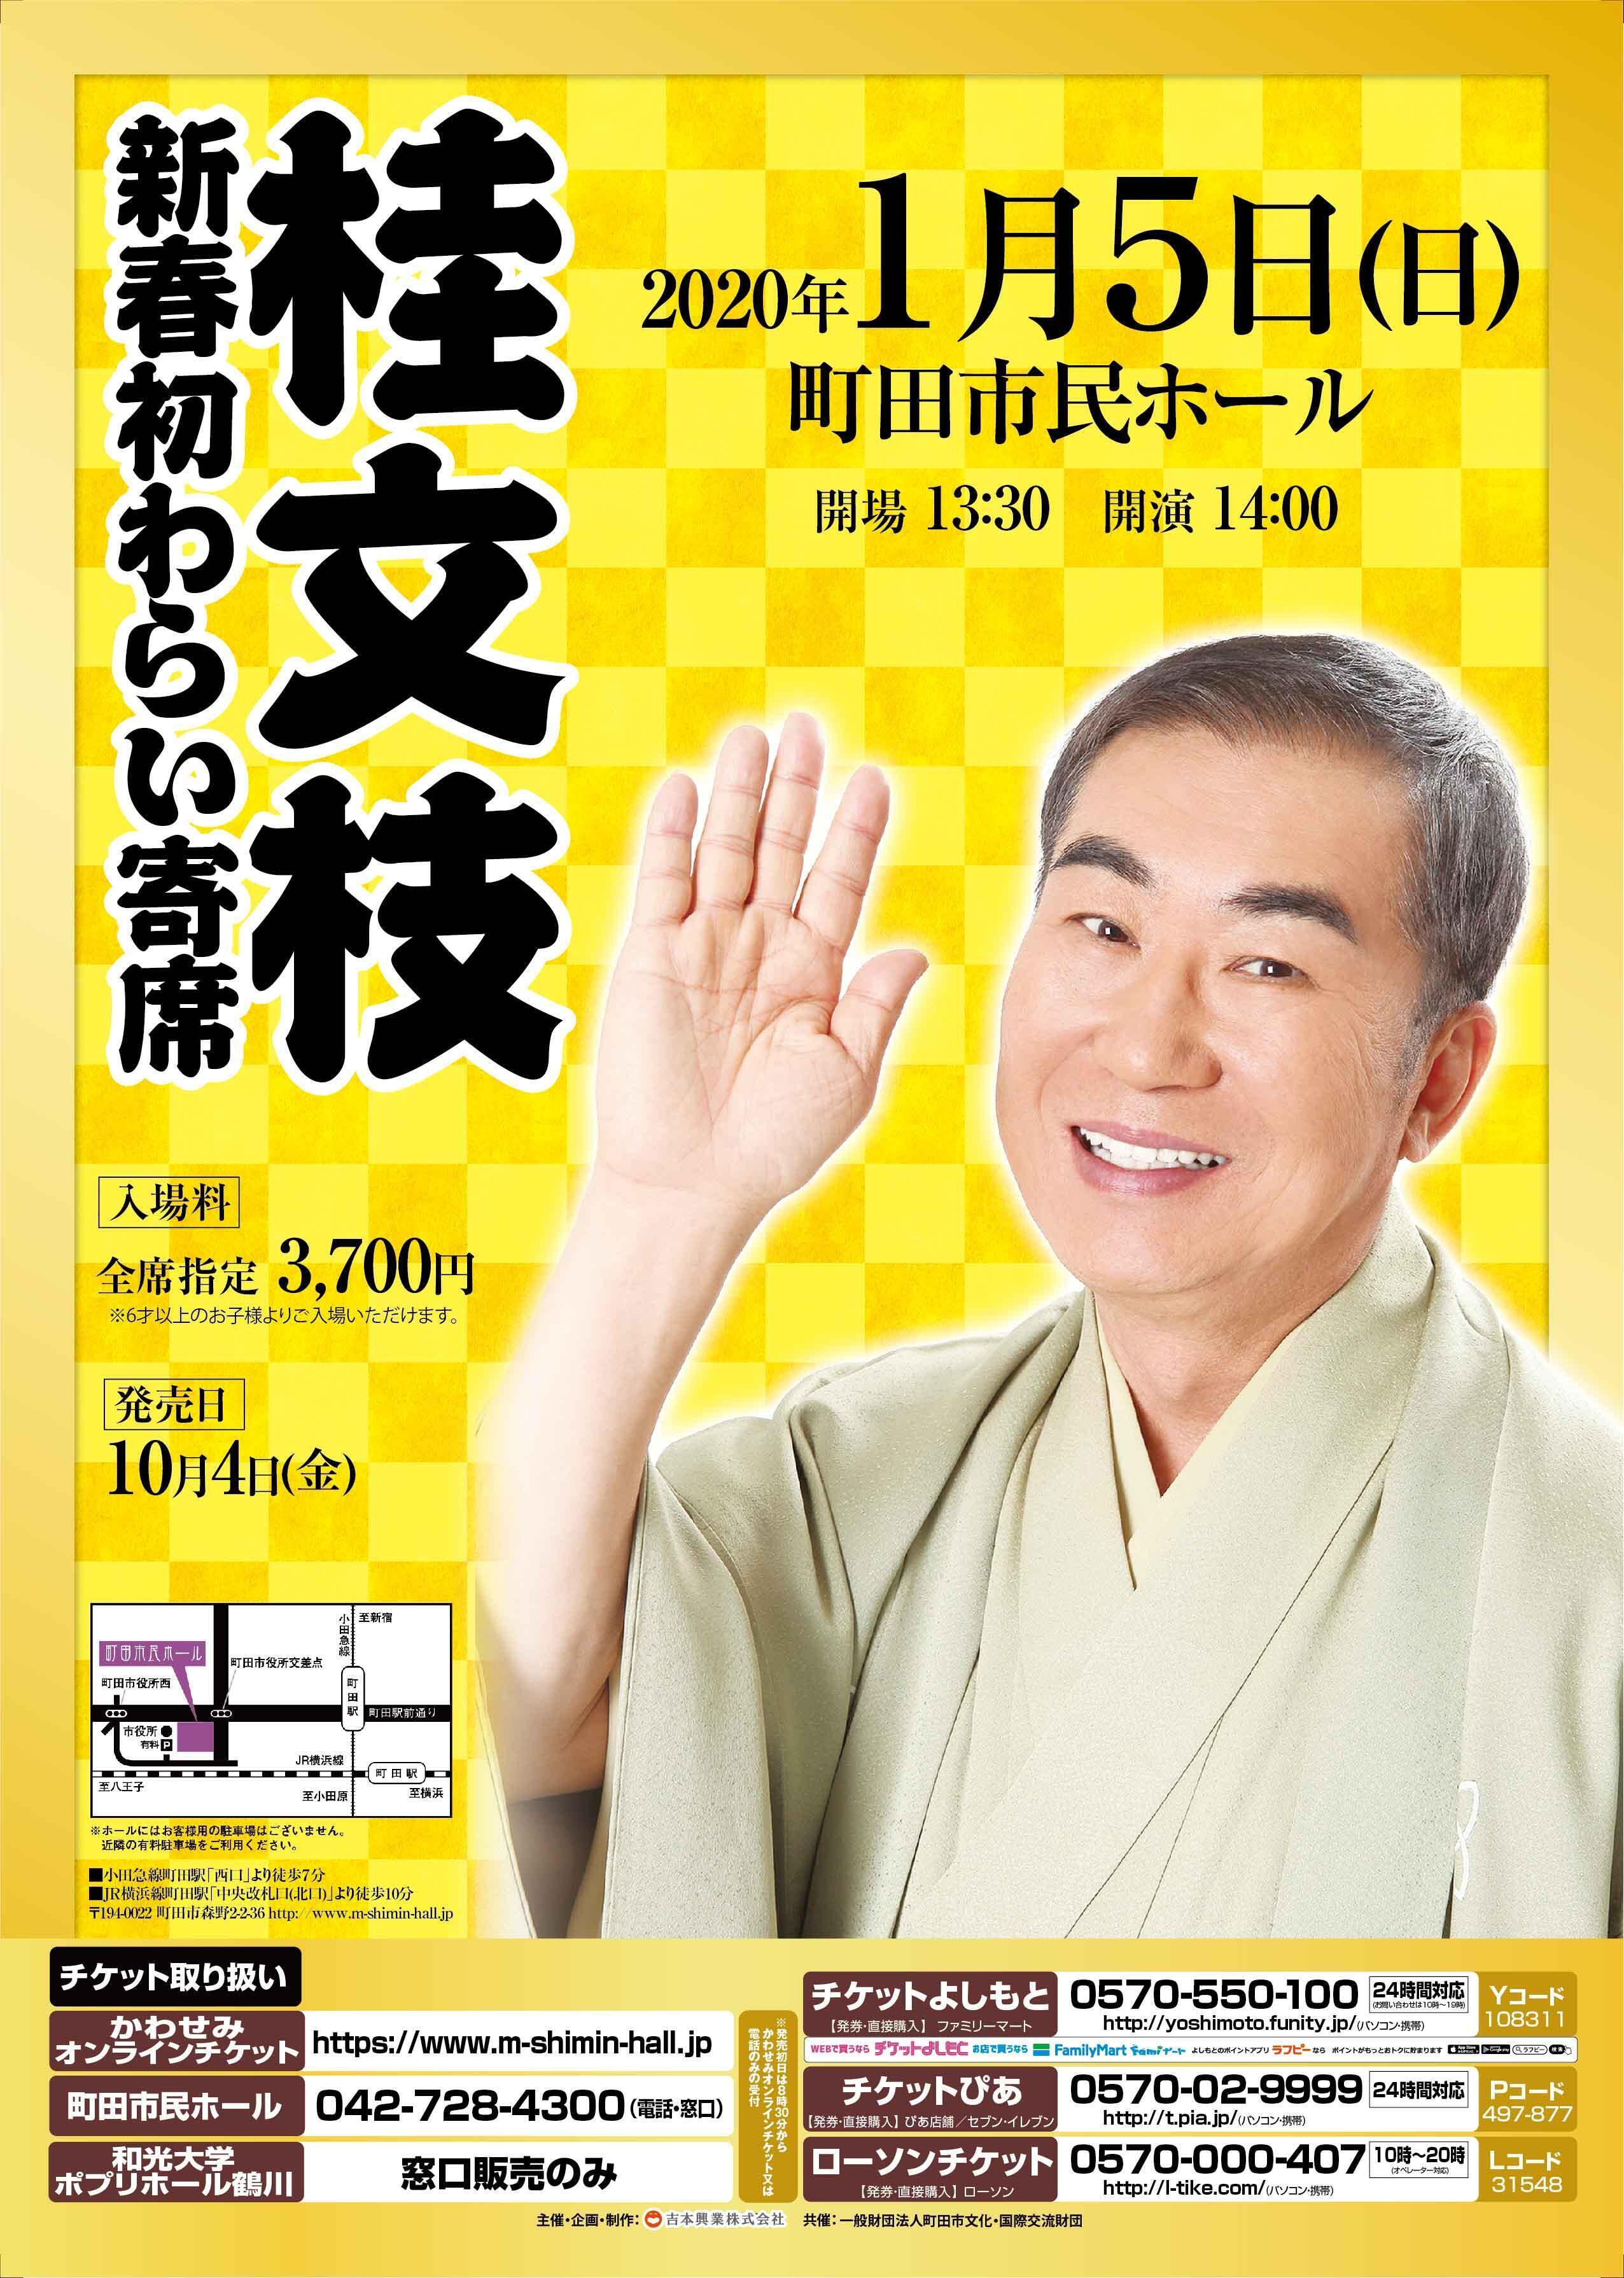 http://www.syumatsu.jp/20190930190241-eded6fac9d6ca8beef04edb27612561e934c24af.jpg